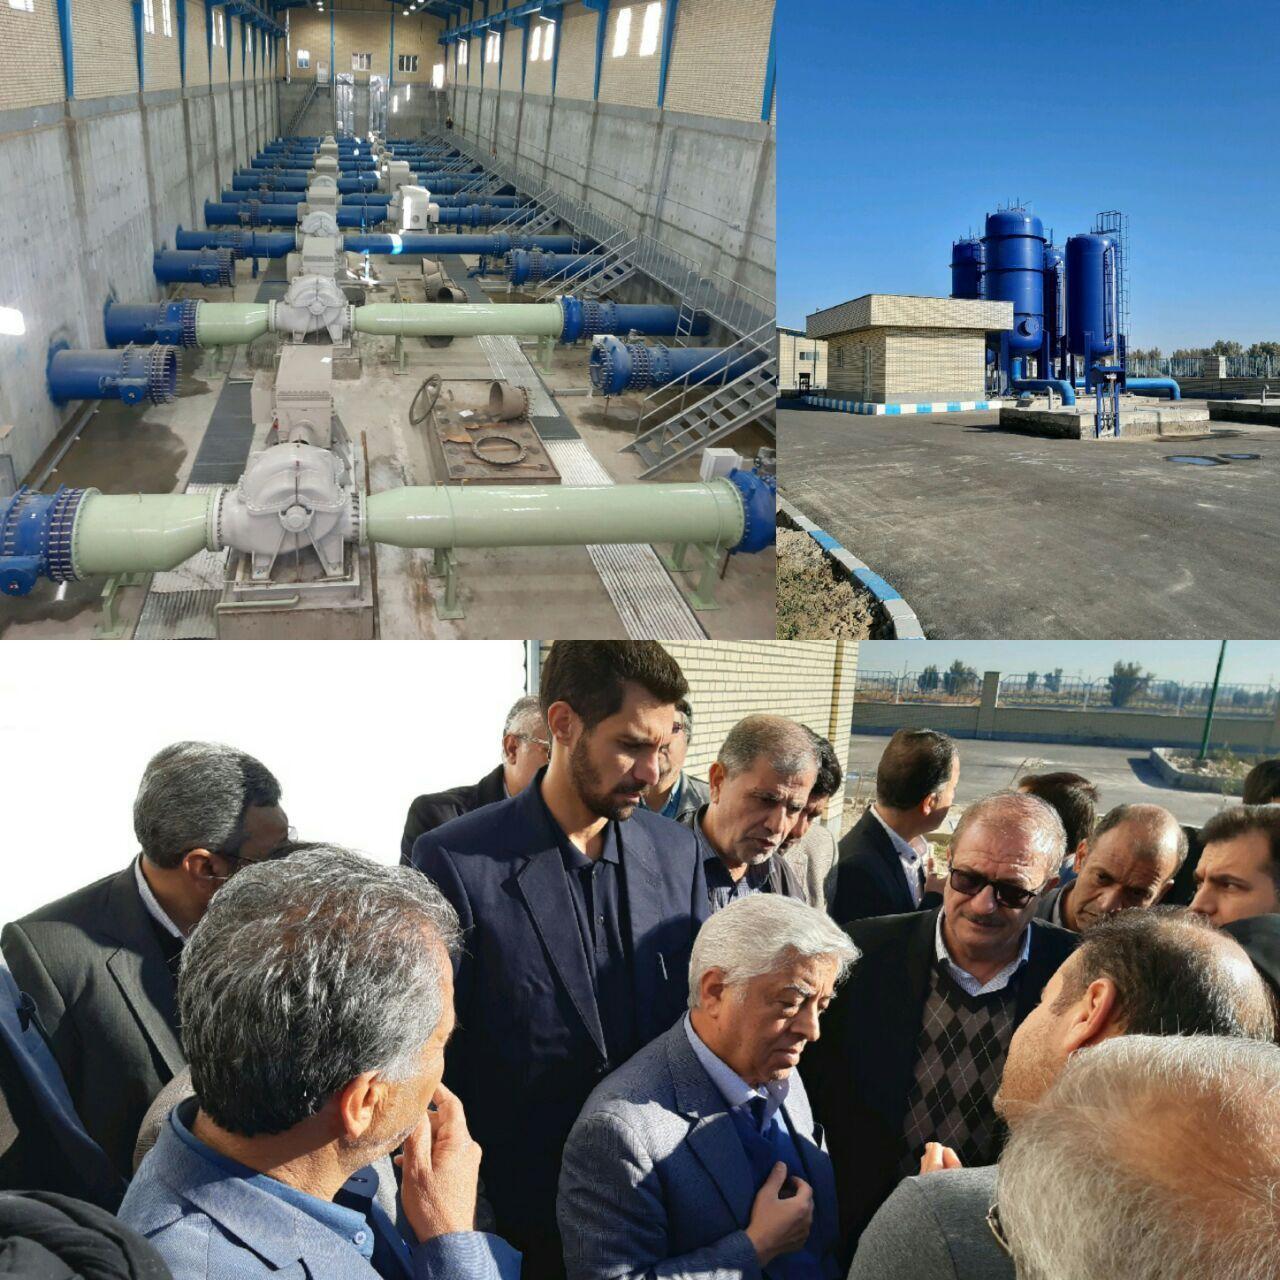 عباس کشاورز از روند اجرای طرح بزرگ انتقال آب با لوله به اراضی کشاورزی دشت سیستان بازدید کرد